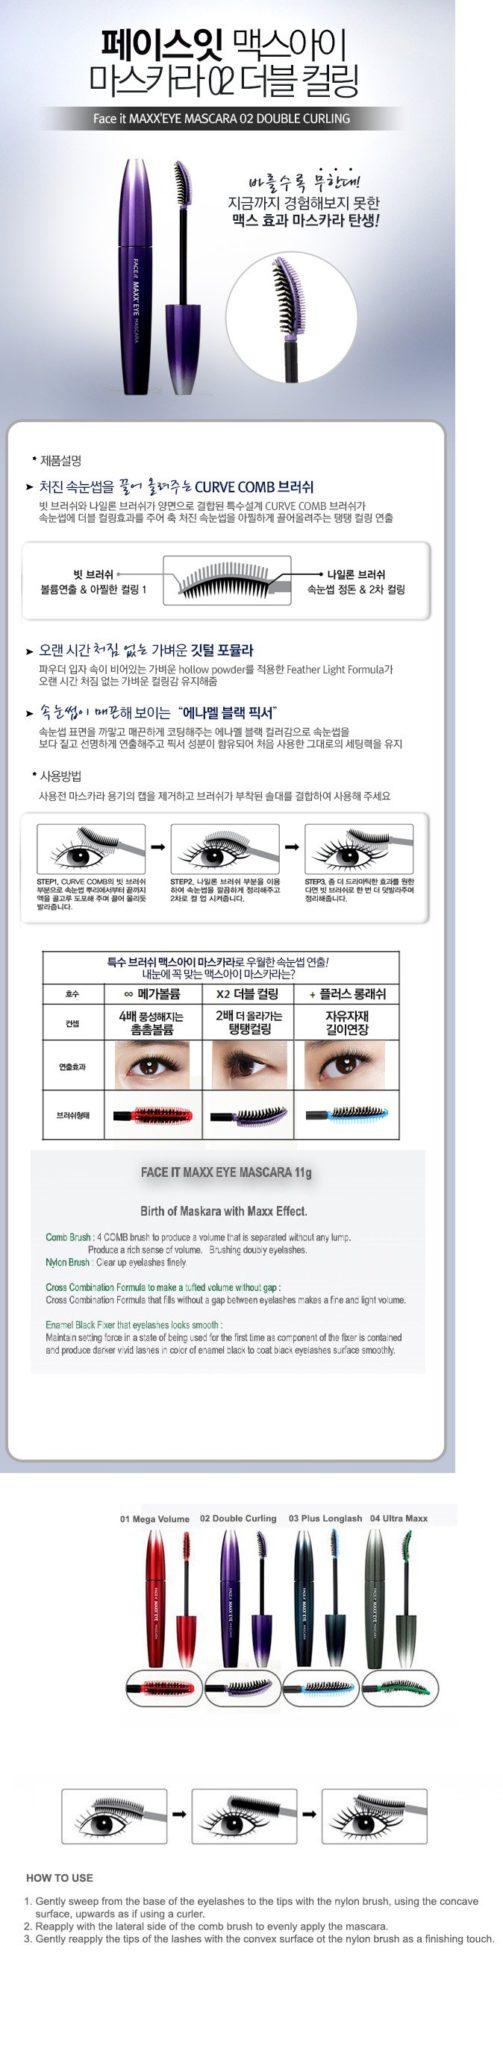 The Face Shop Face It Maxx Eye Mascara 11g